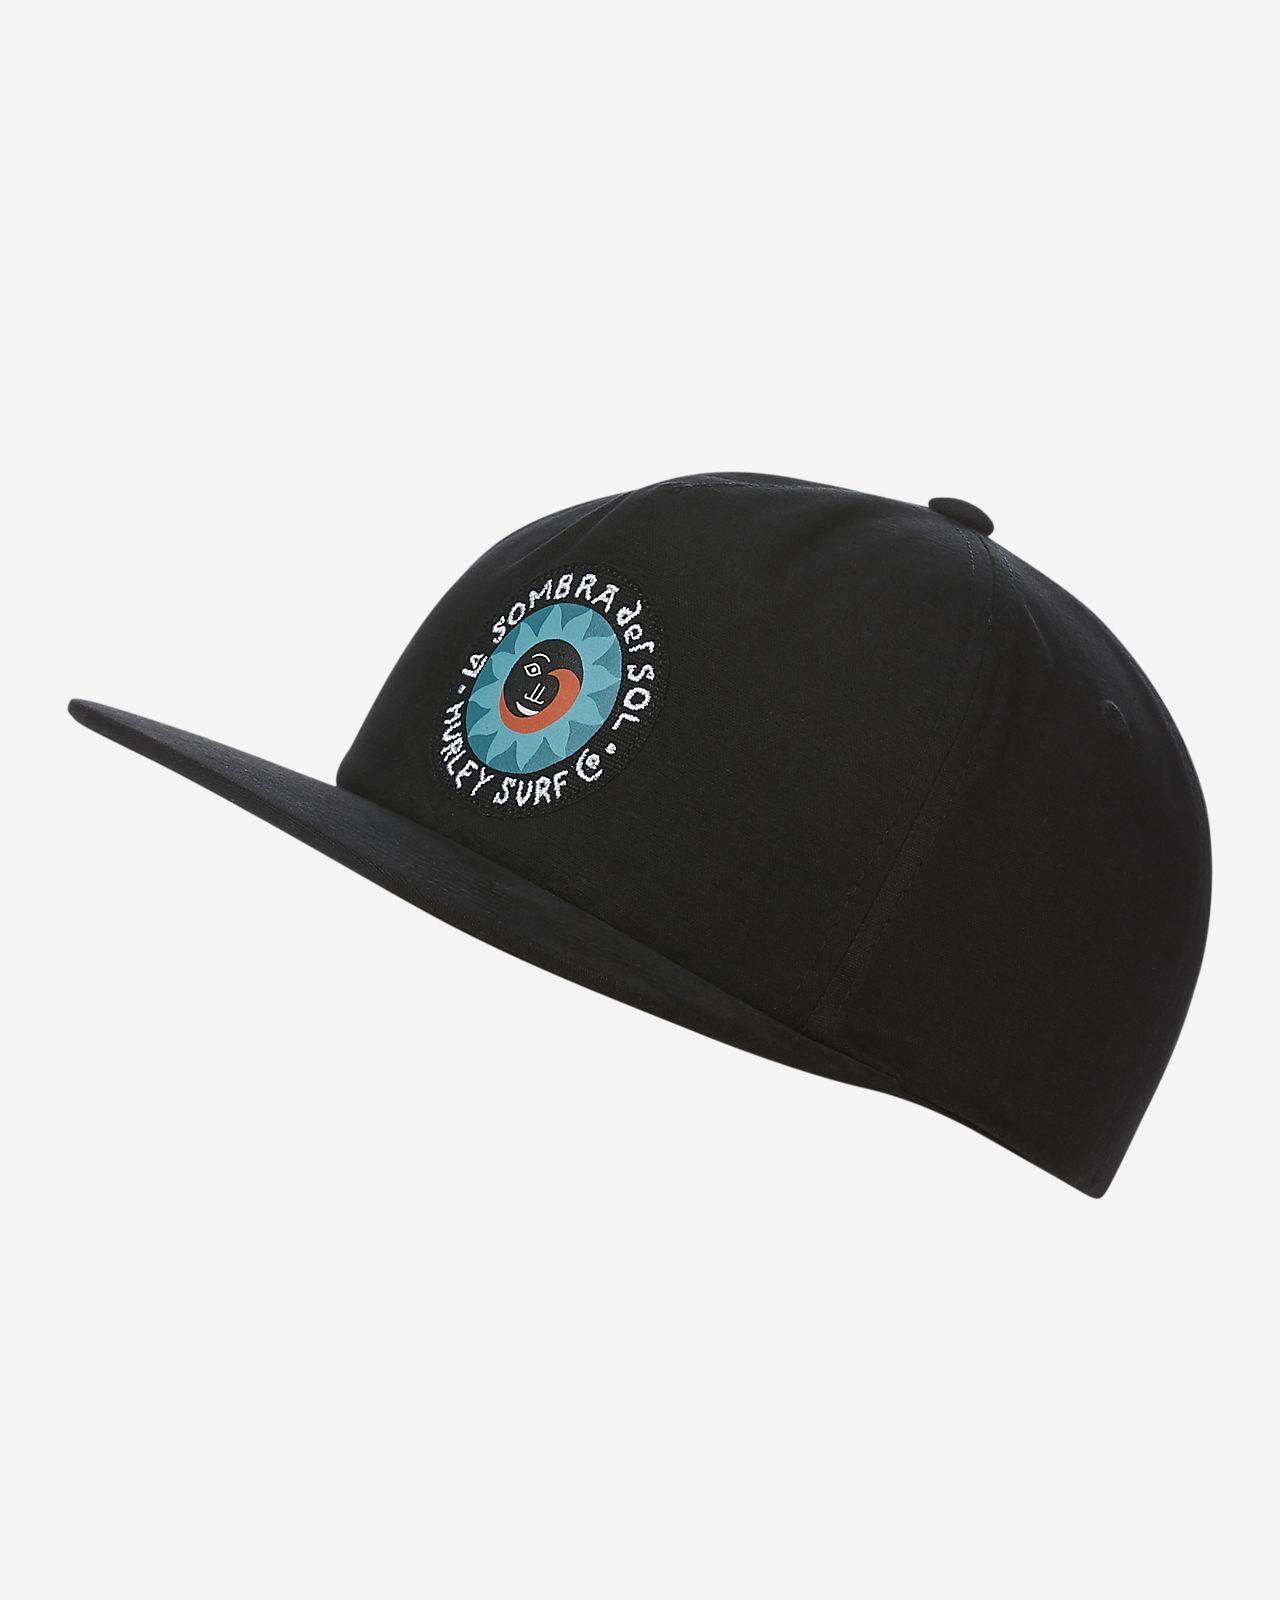 Hurley Sombra Del Sol Men's Hat